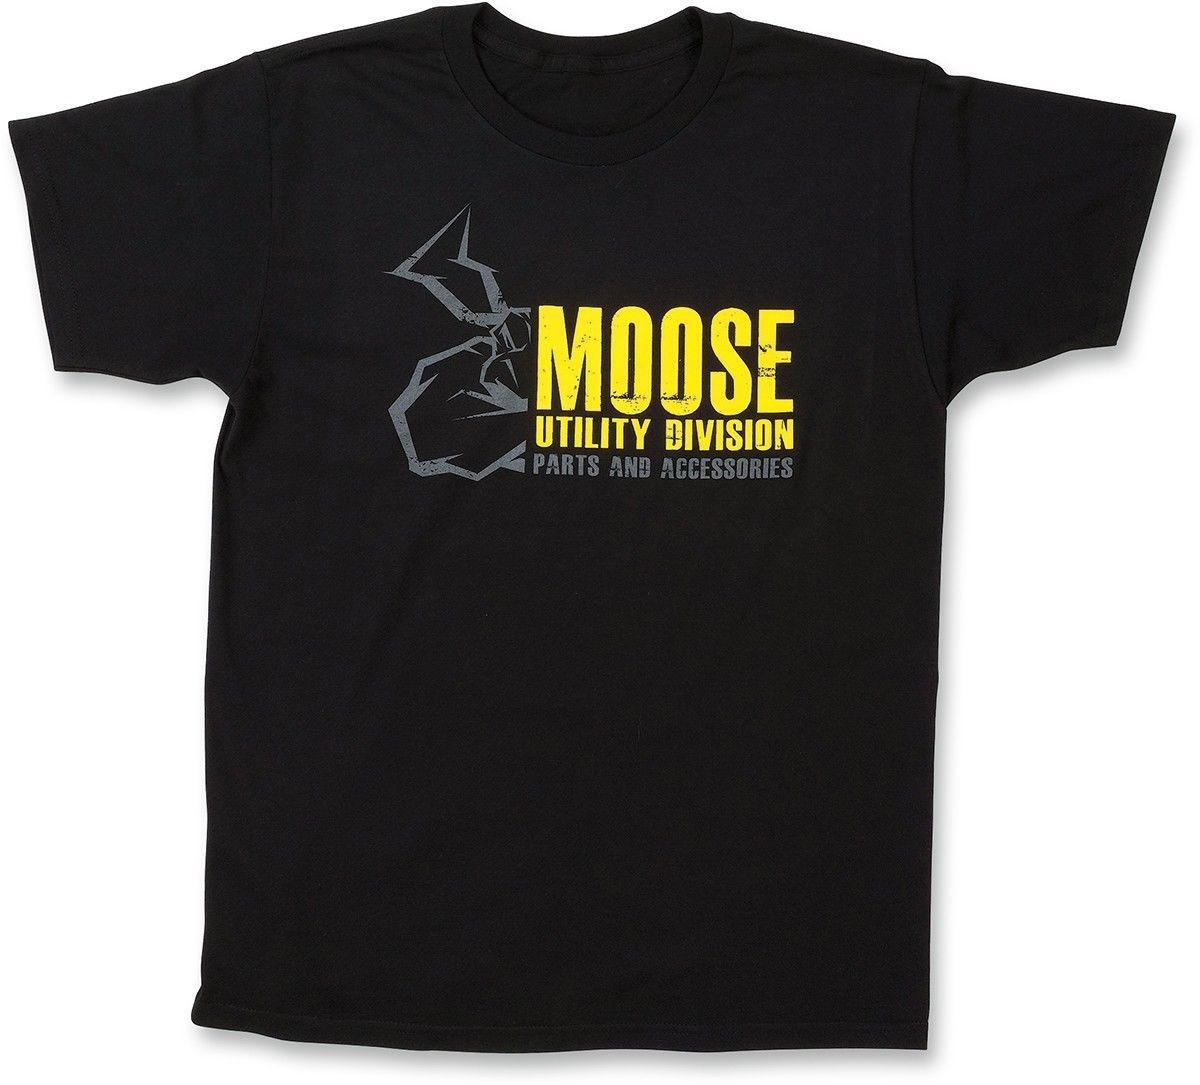 Nueva Marca-Ropa T Shirts Moose S18 barro camiseta de moda de verano